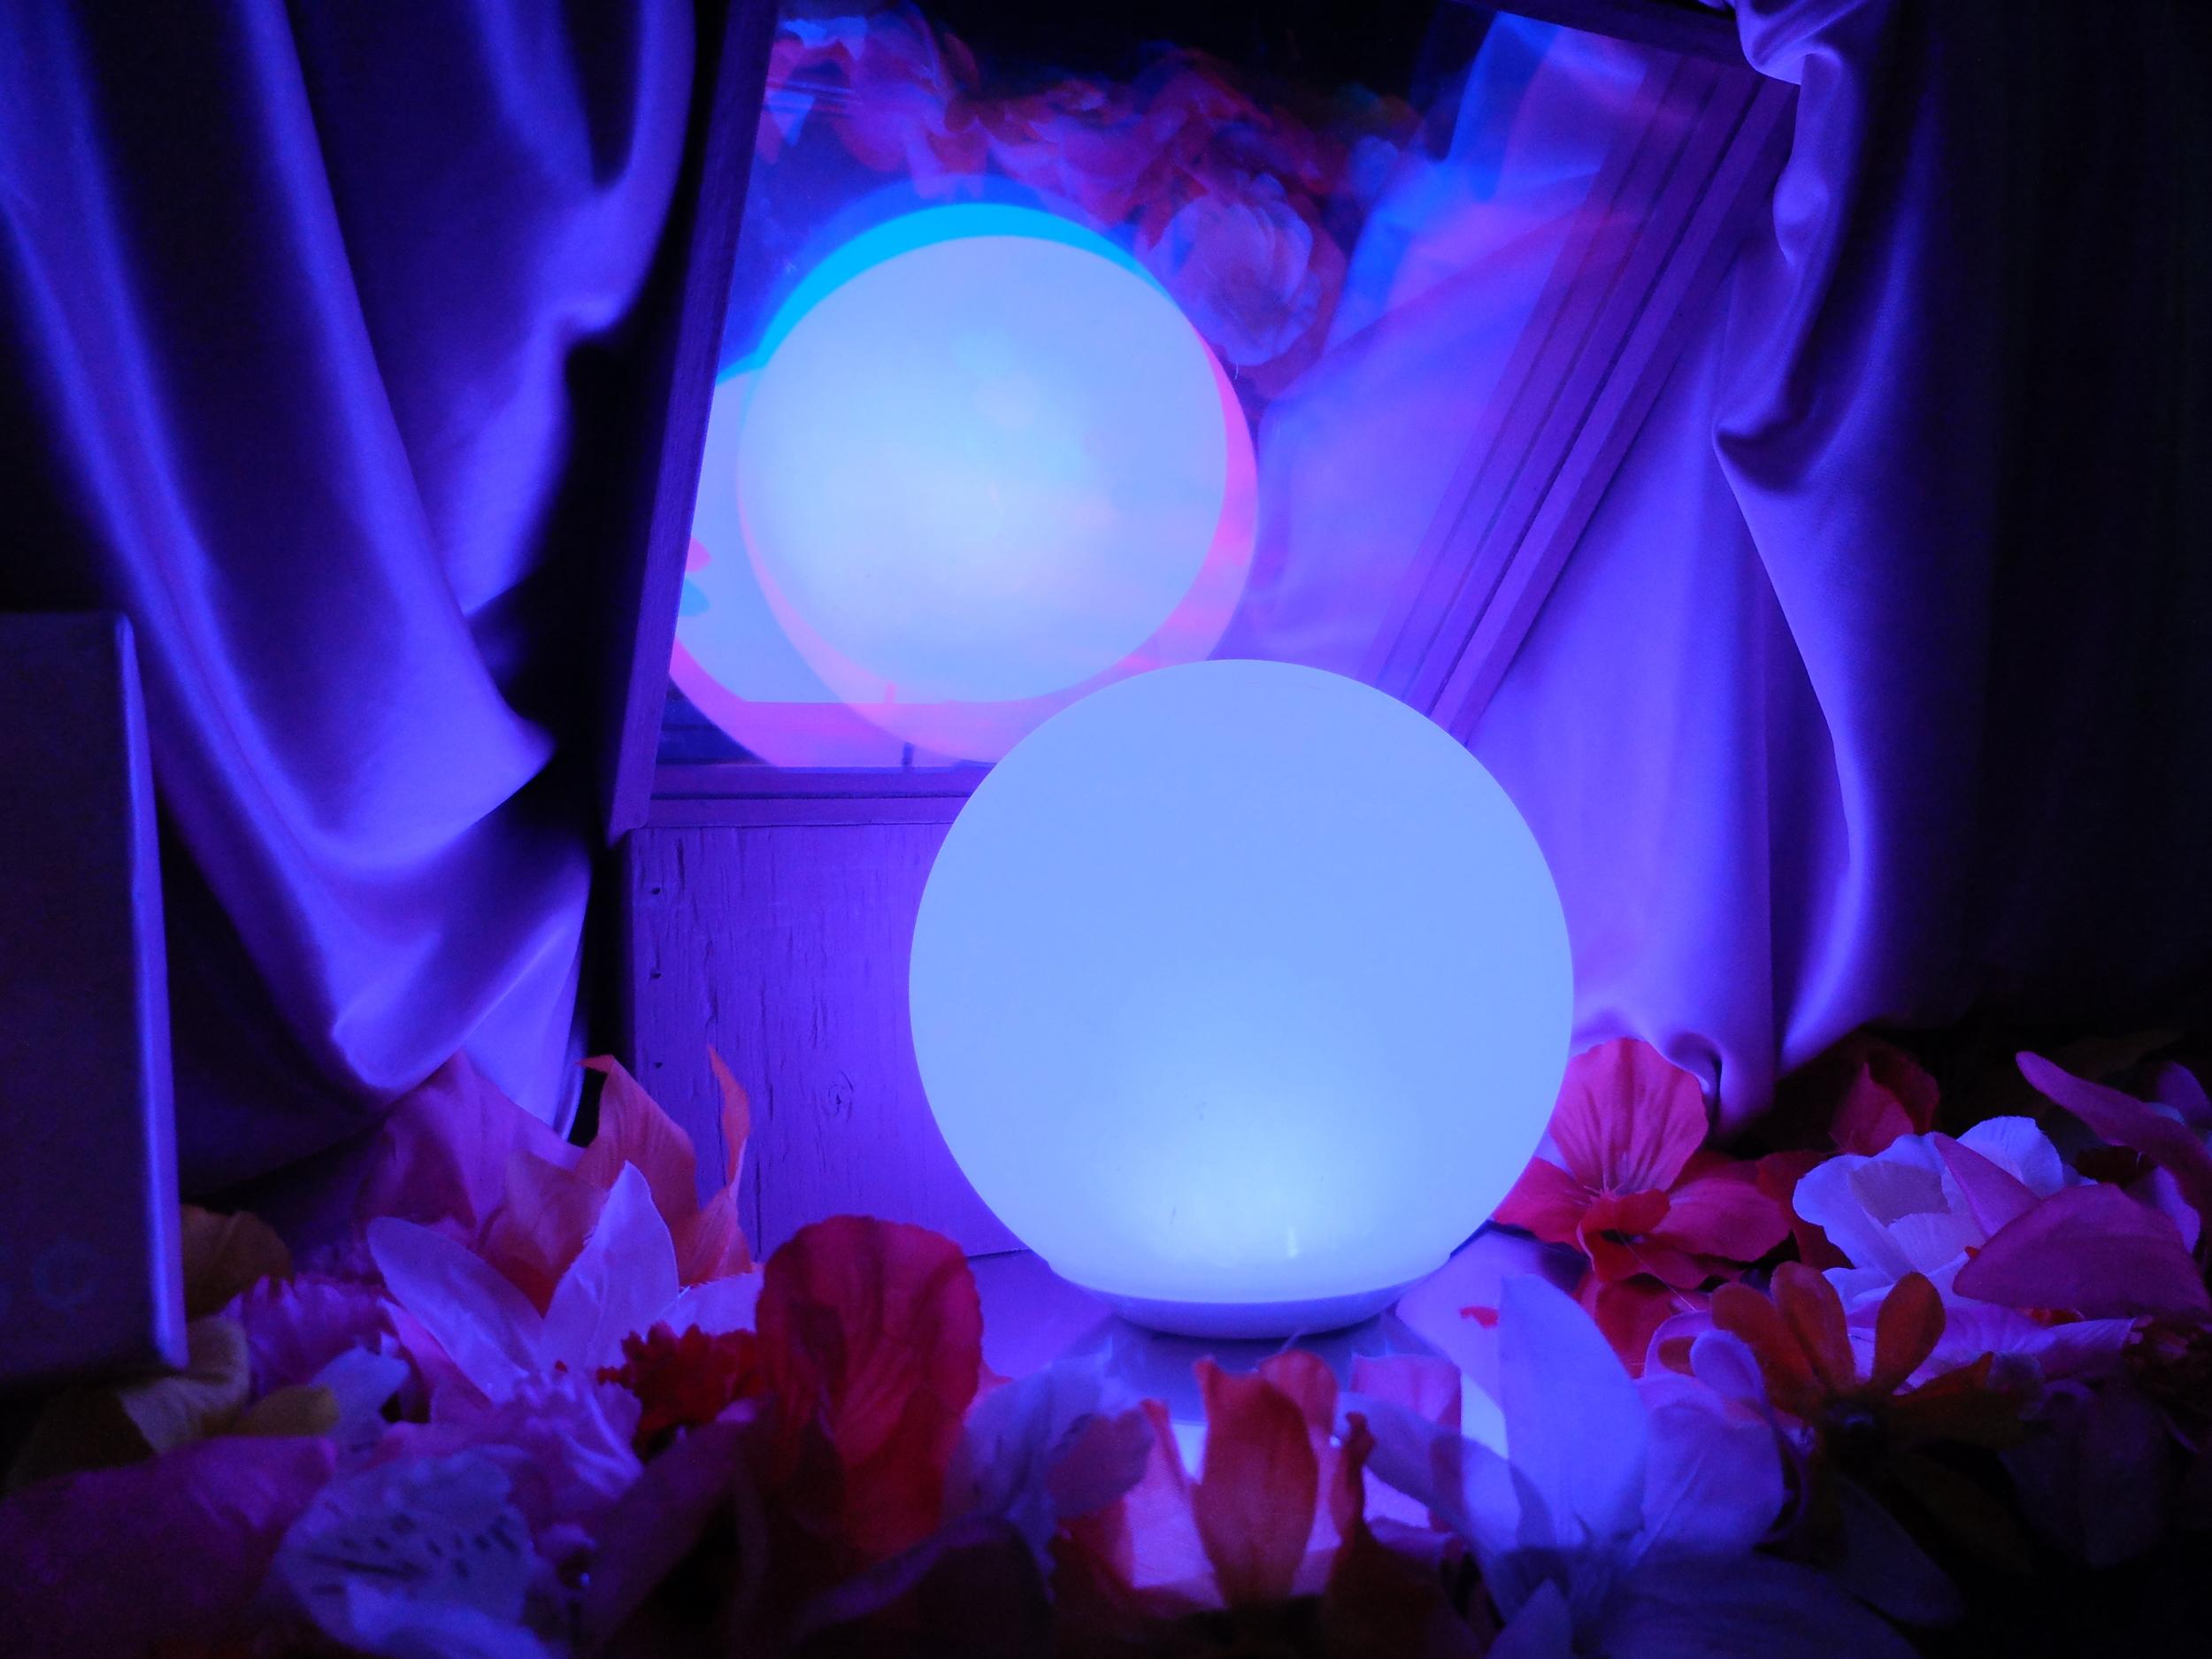 Meditation Ball.JPG